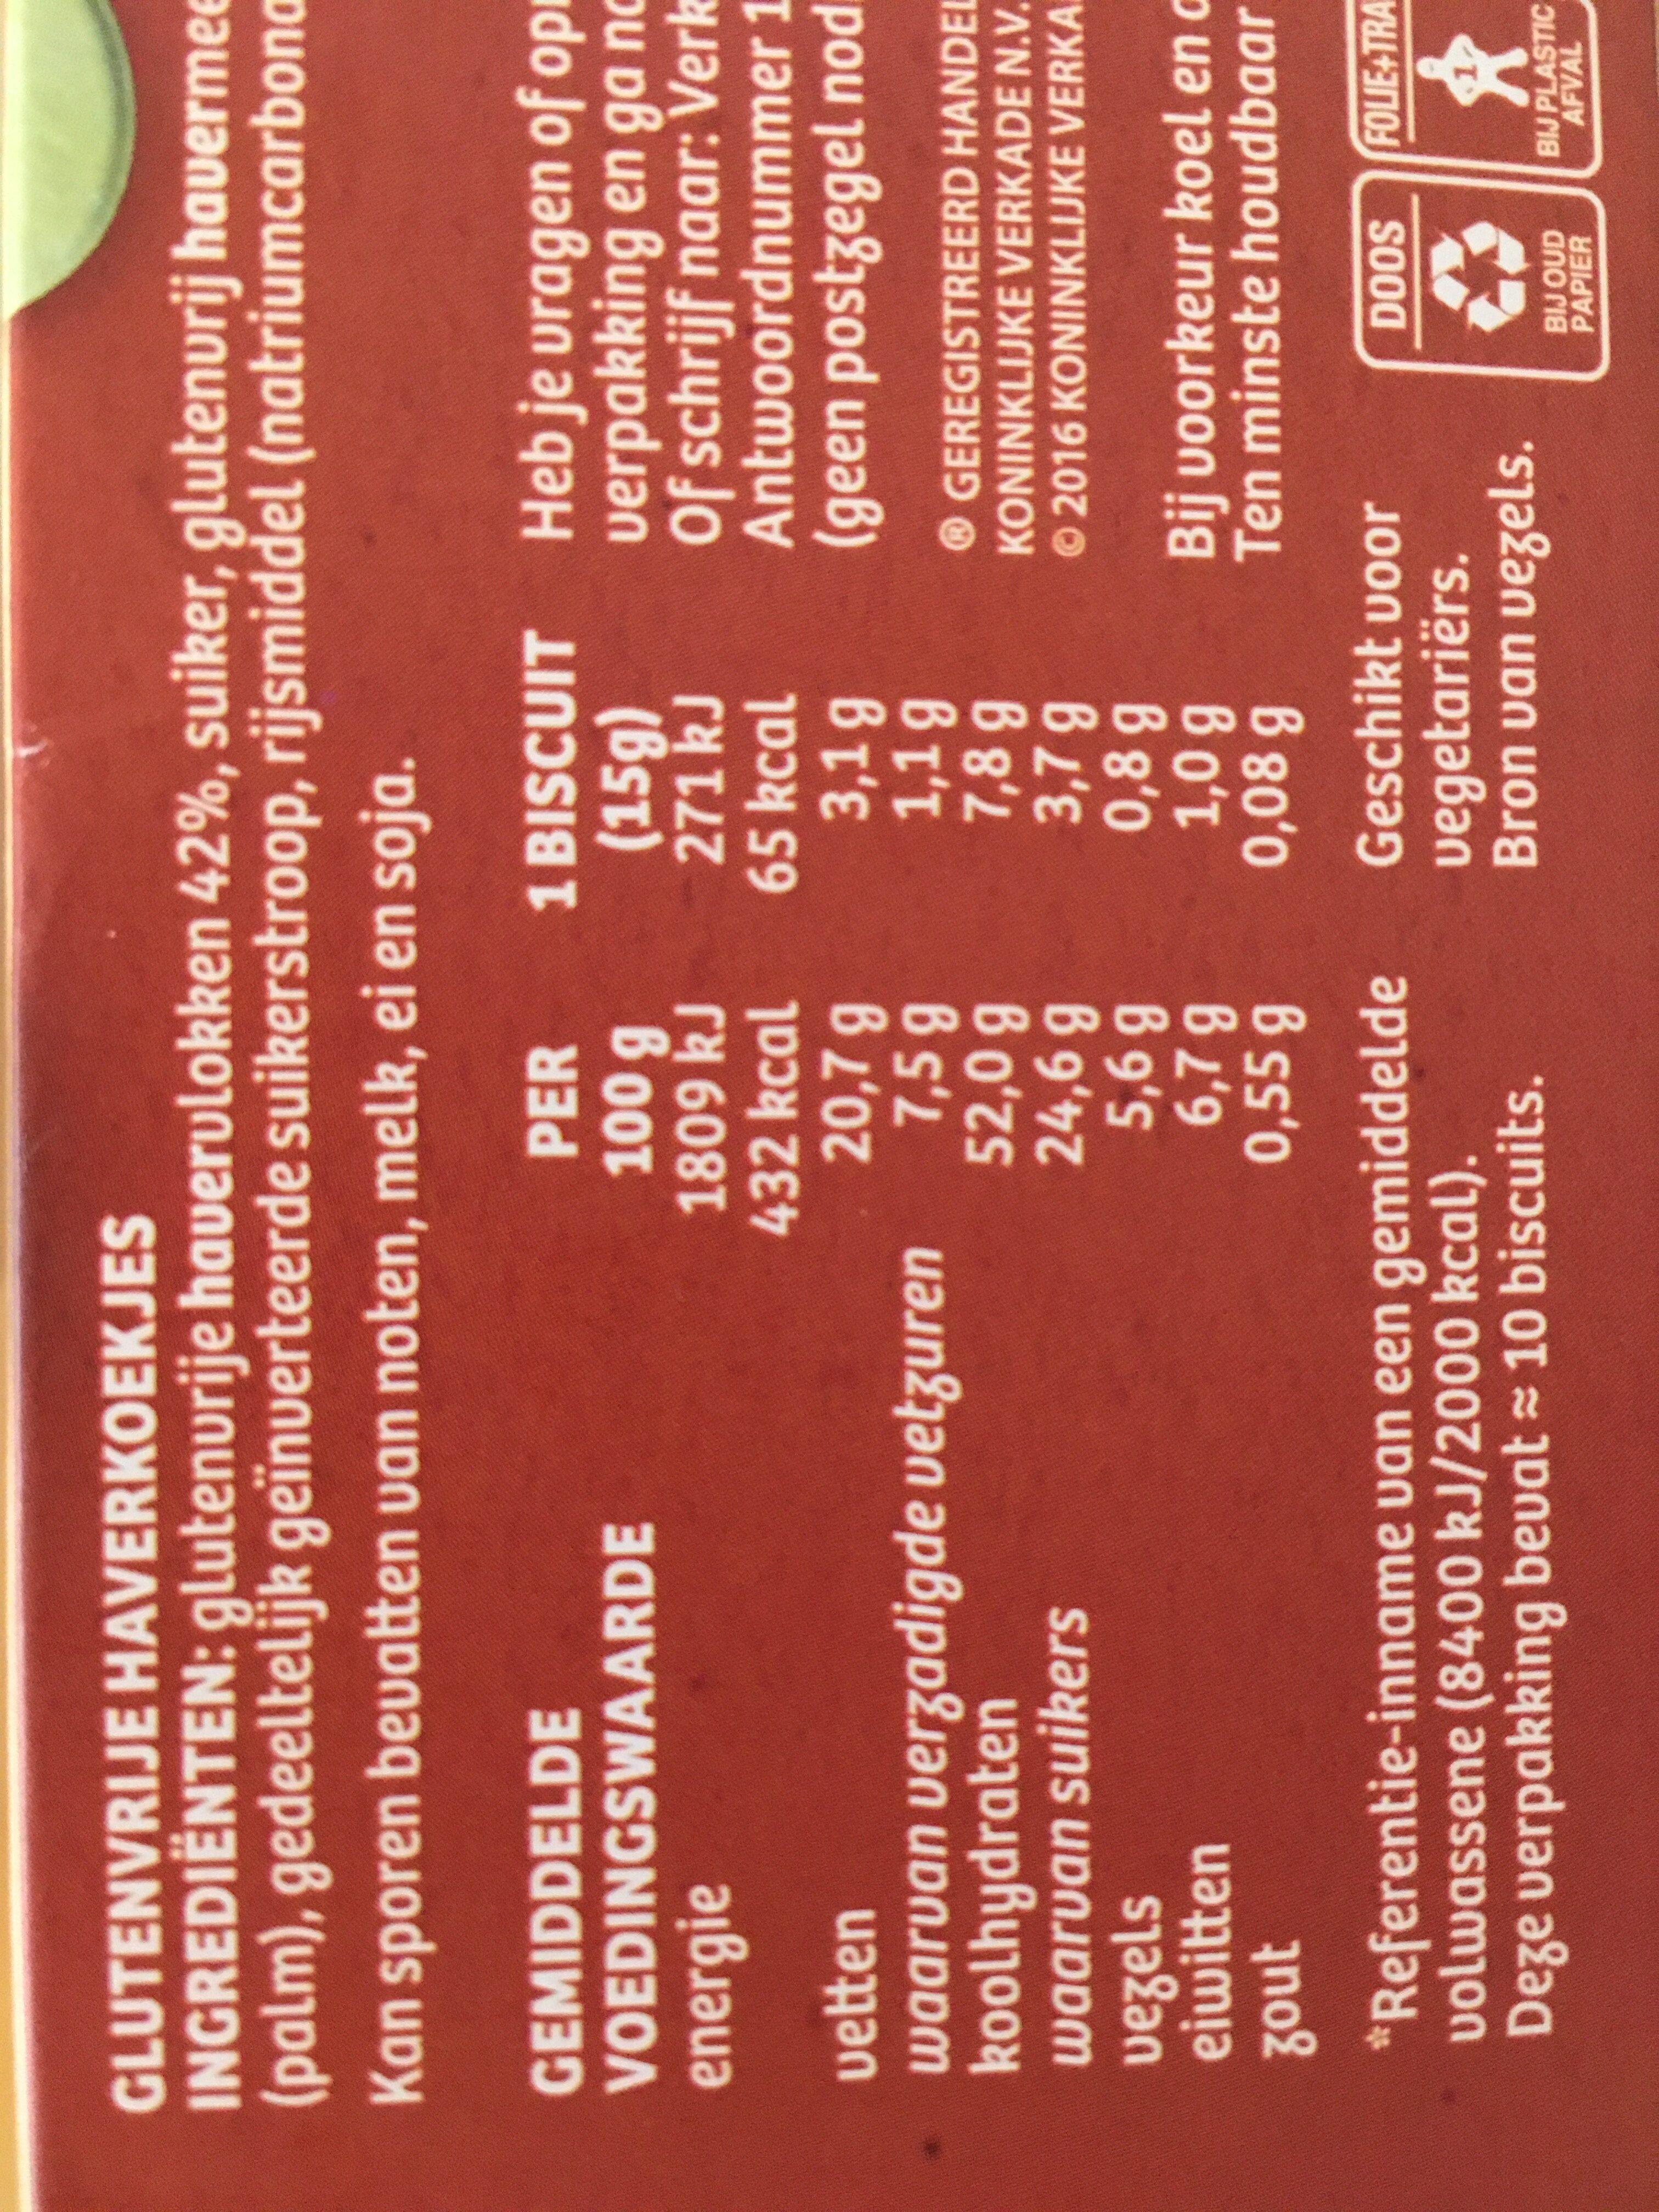 Verkade Glutenvrije Oaties - Voedingswaarden - nl